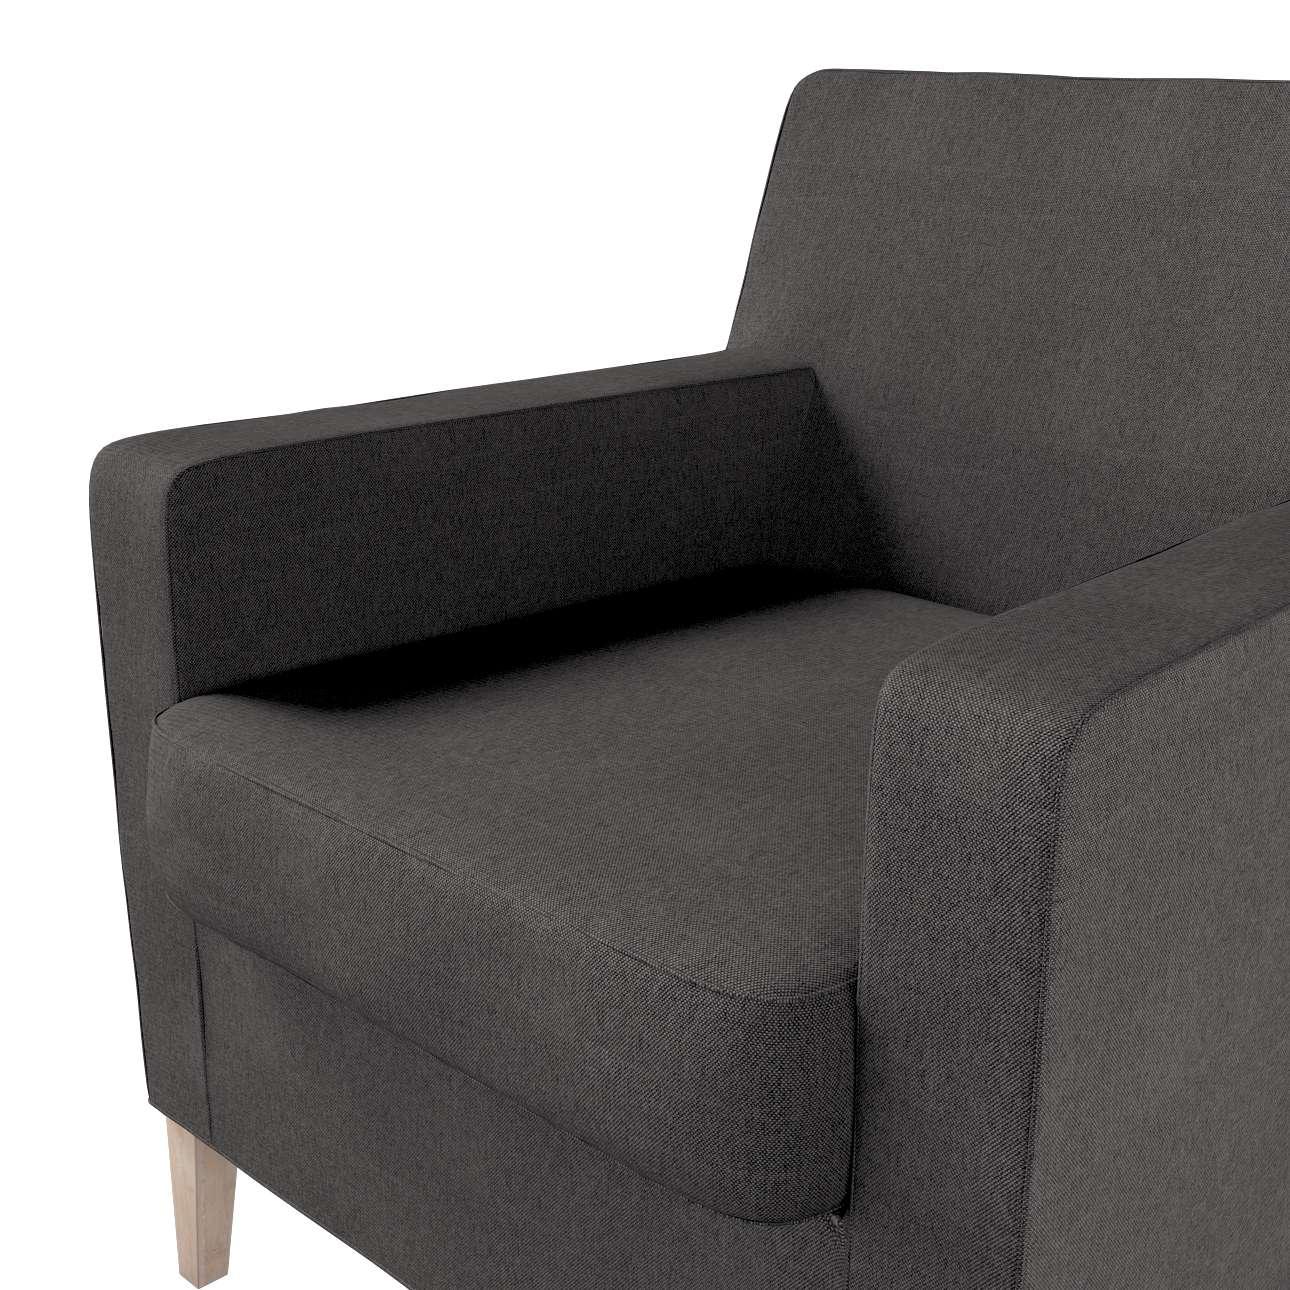 Pokrowiec na fotel Karlstad w kolekcji Etna, tkanina: 705-35